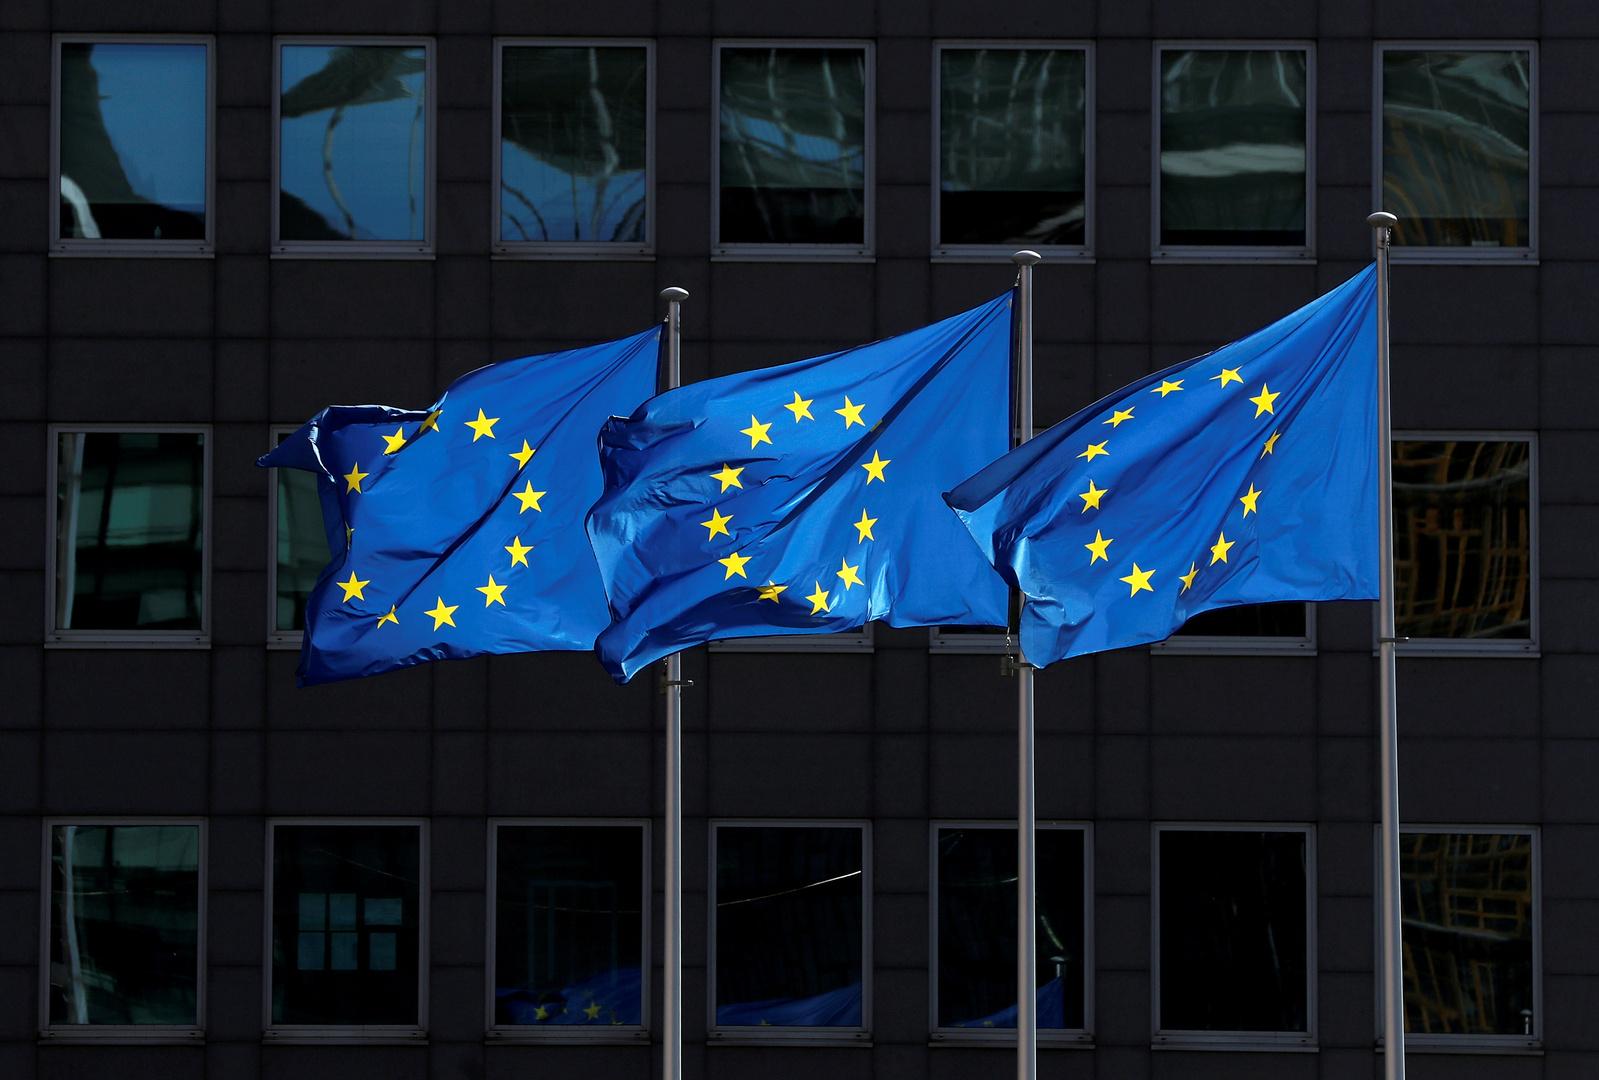 أوروبا ترفع ورقة الرسوم الجمركية في وجه الولايات المتحدة